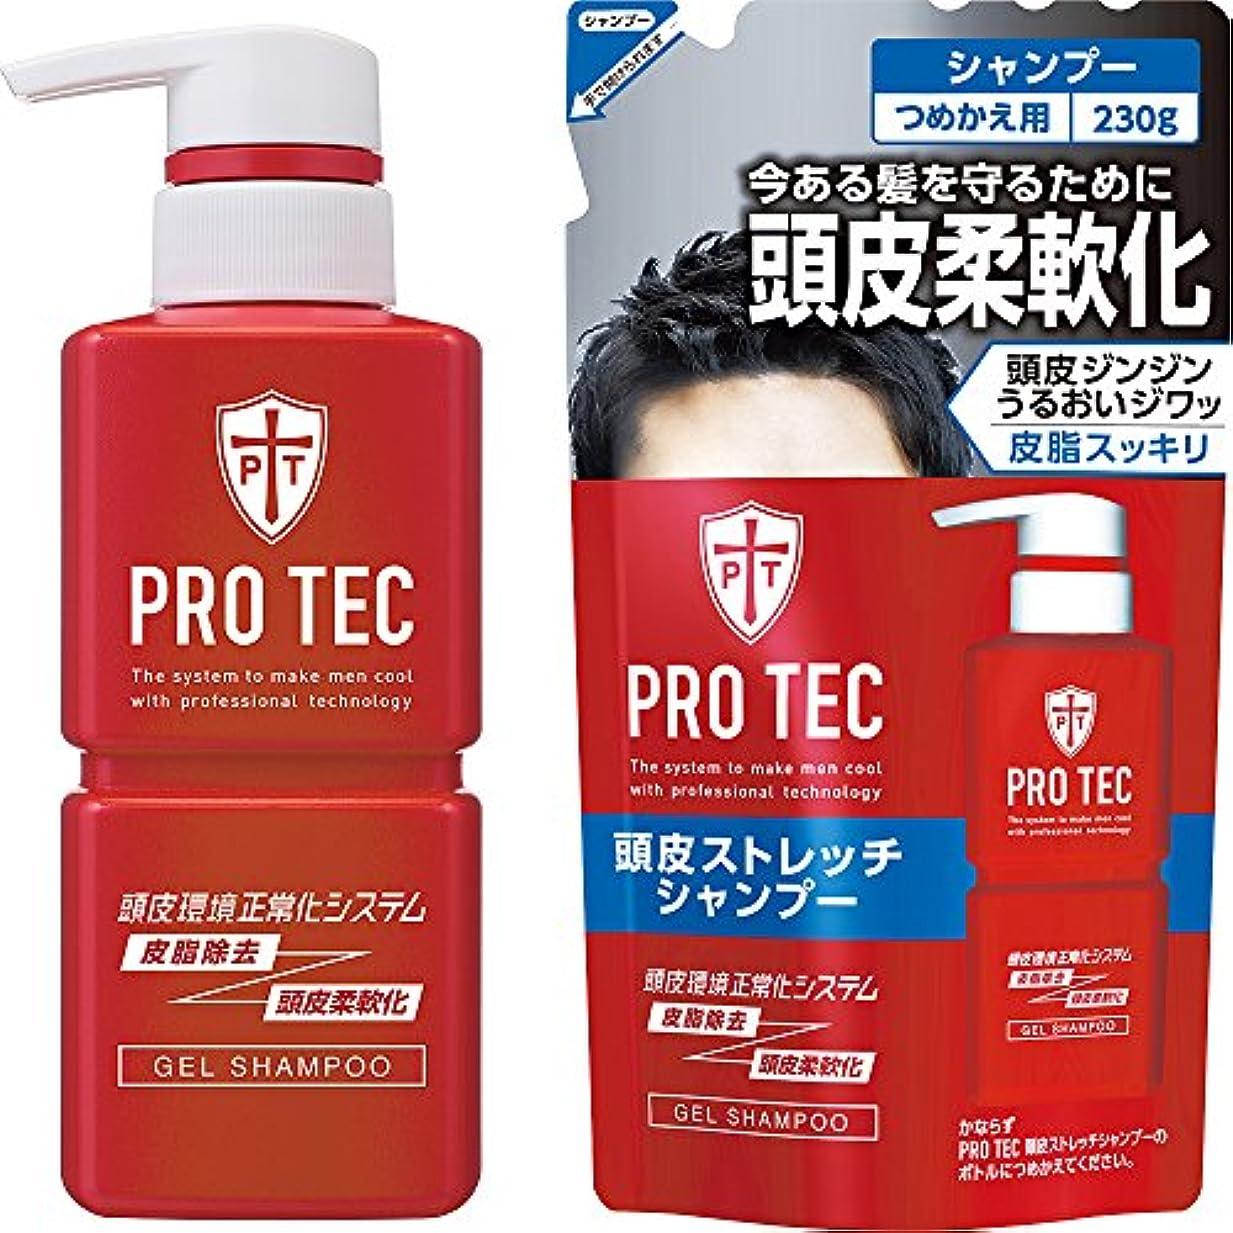 形成住む平凡PRO TEC(プロテク) 頭皮ストレッチシャンプー 本体ポンプ300g+詰め替え230g セット(医薬部外品)